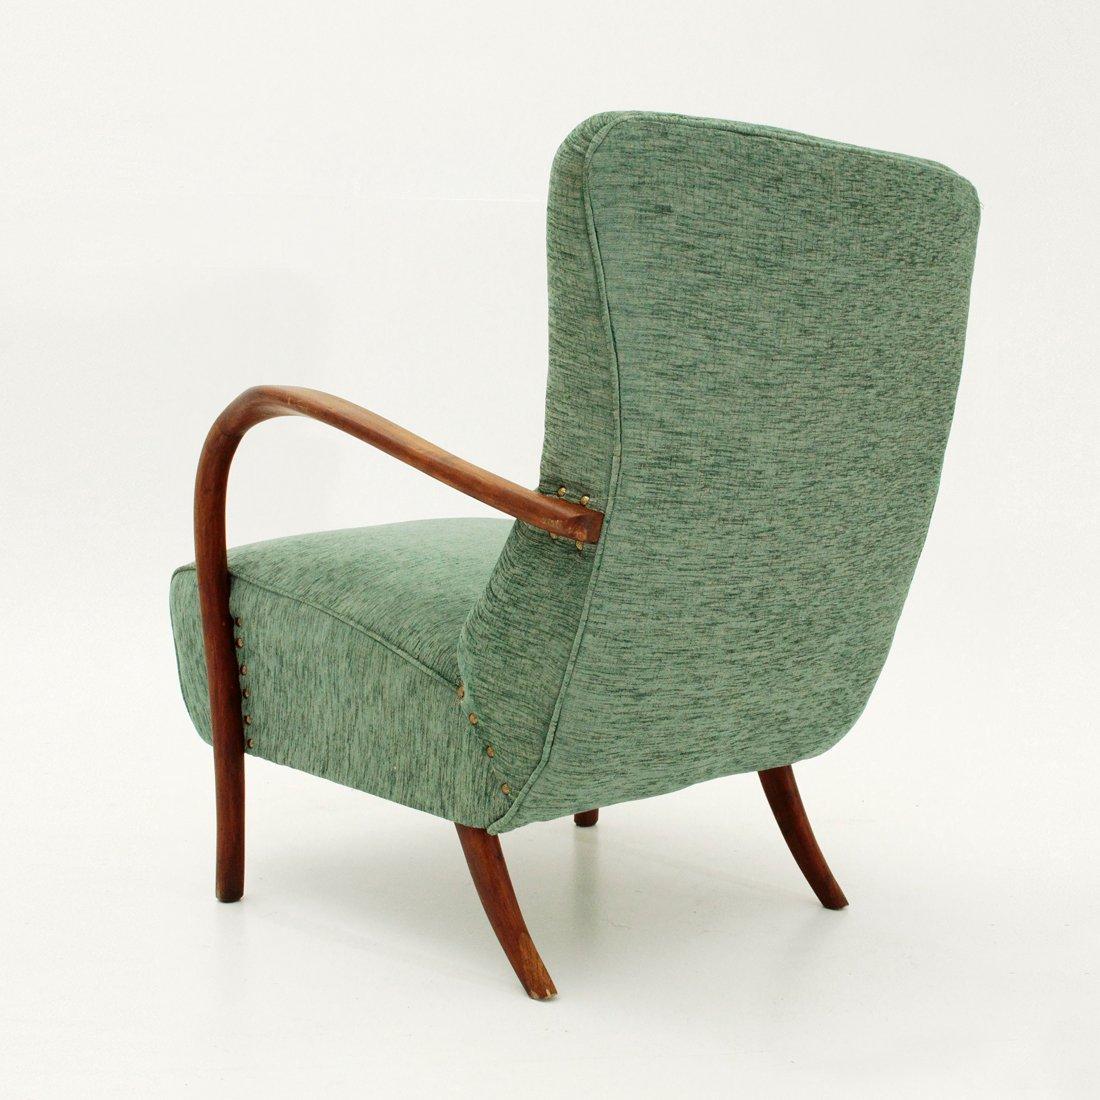 italienischer sessel mit armlehnen aus holz 1940er bei pamono kaufen. Black Bedroom Furniture Sets. Home Design Ideas